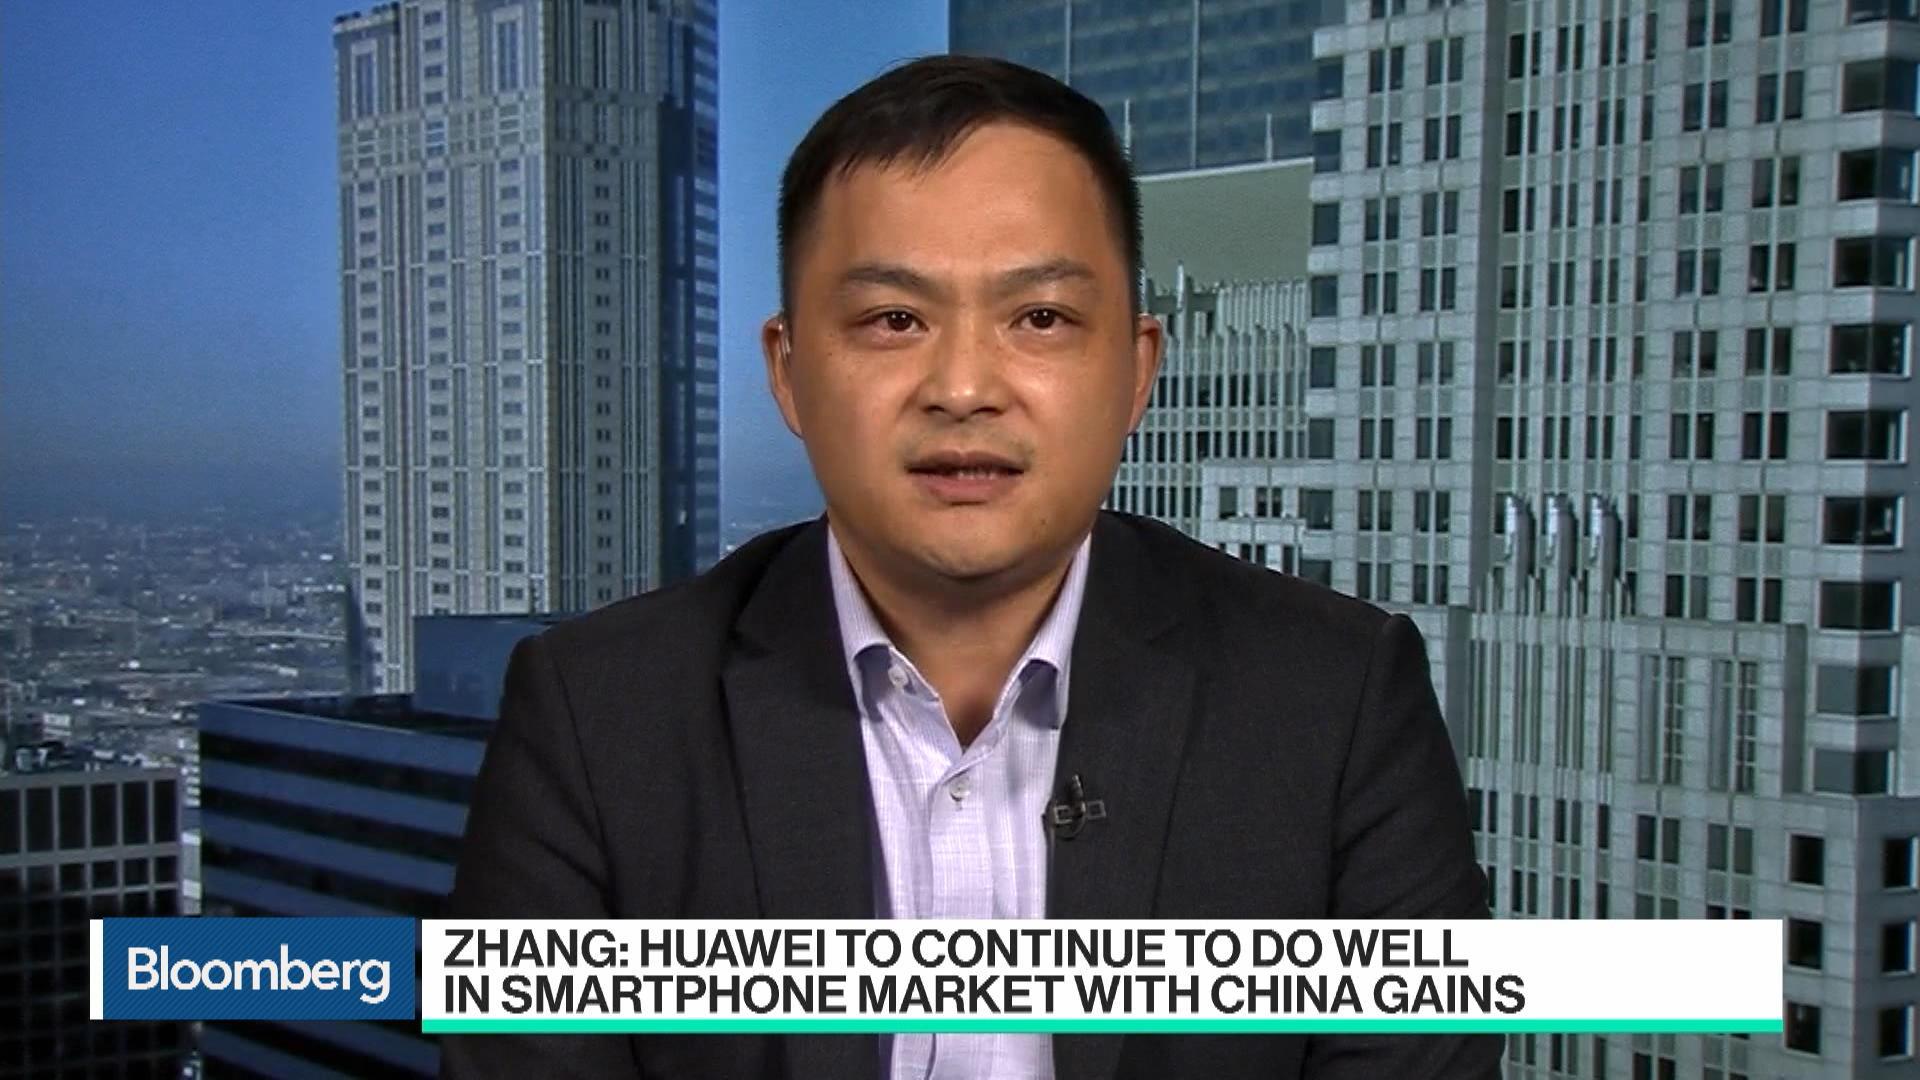 Huawei to Do Well in Smartphone Market Despite Trade War: Jun Zhang